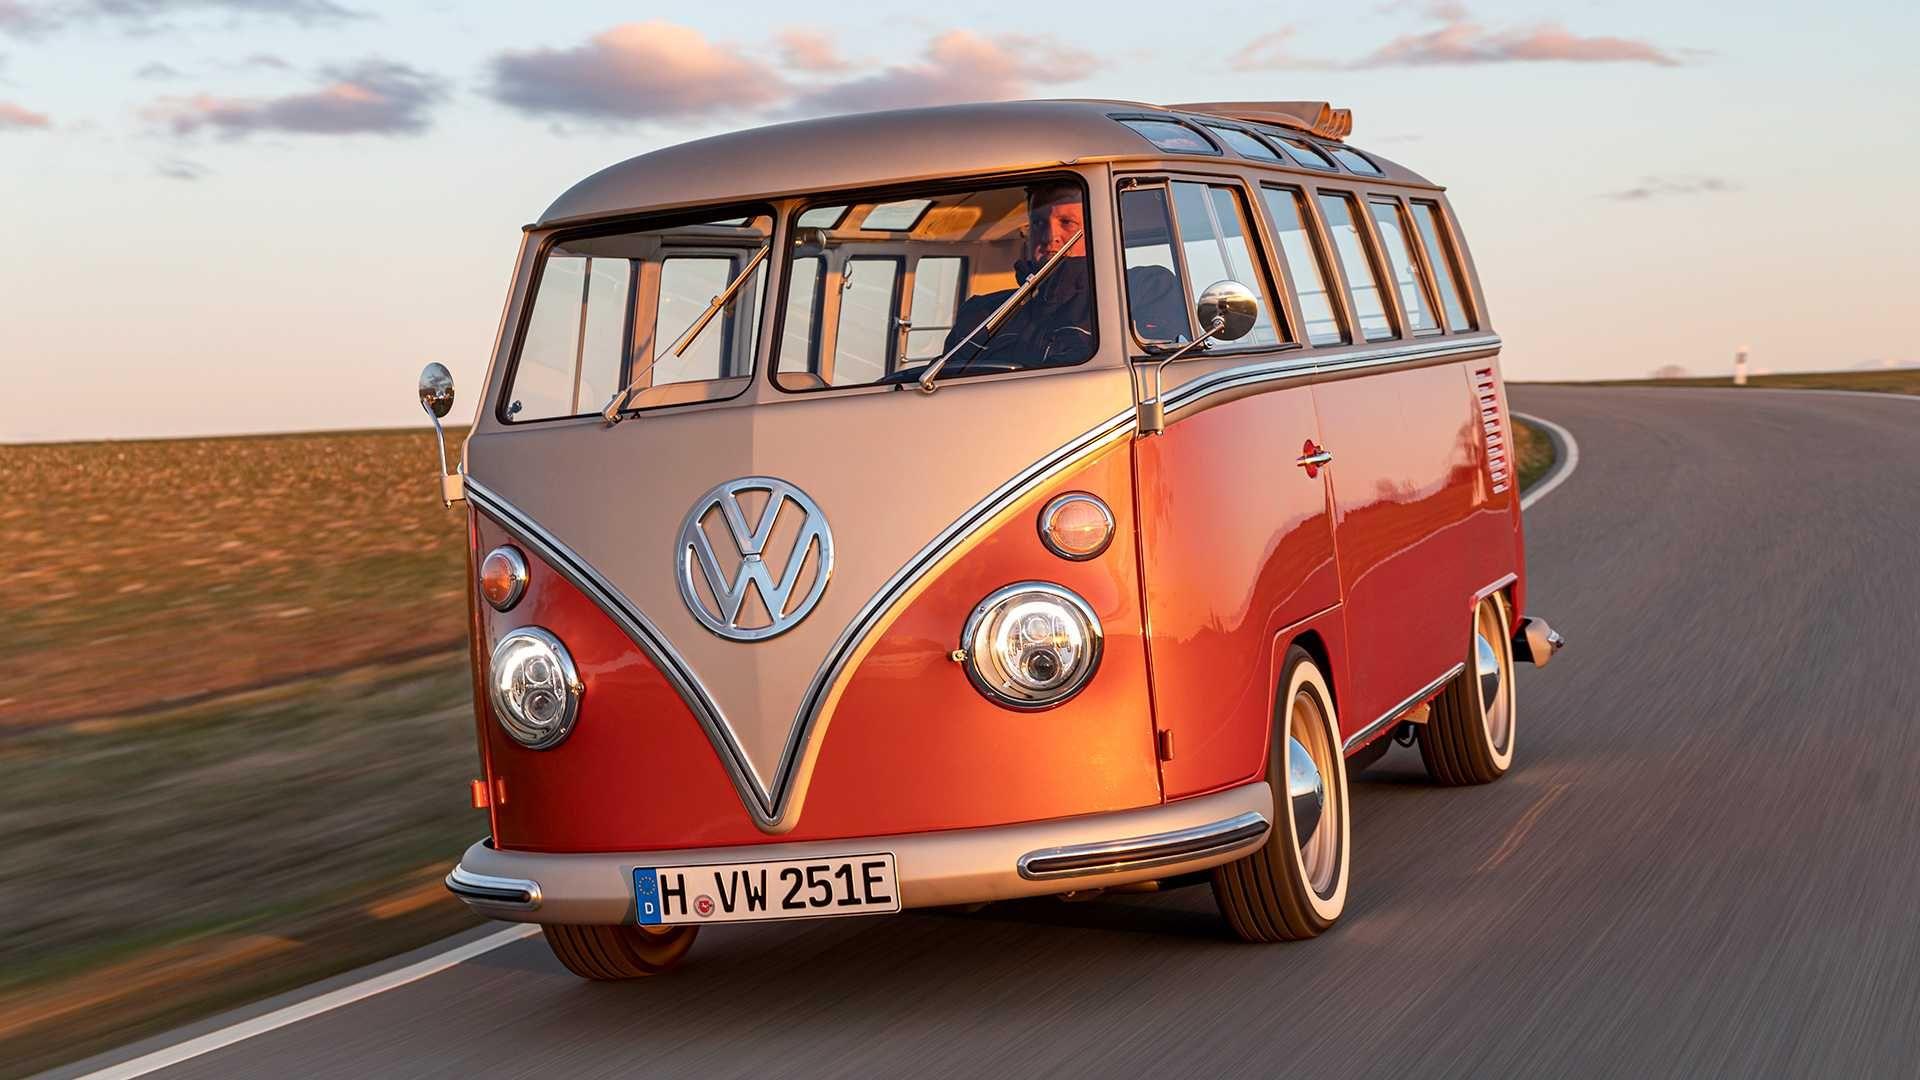 Povijest i budućnost u jednom: ovo je električni Volkswagen e-Bulli